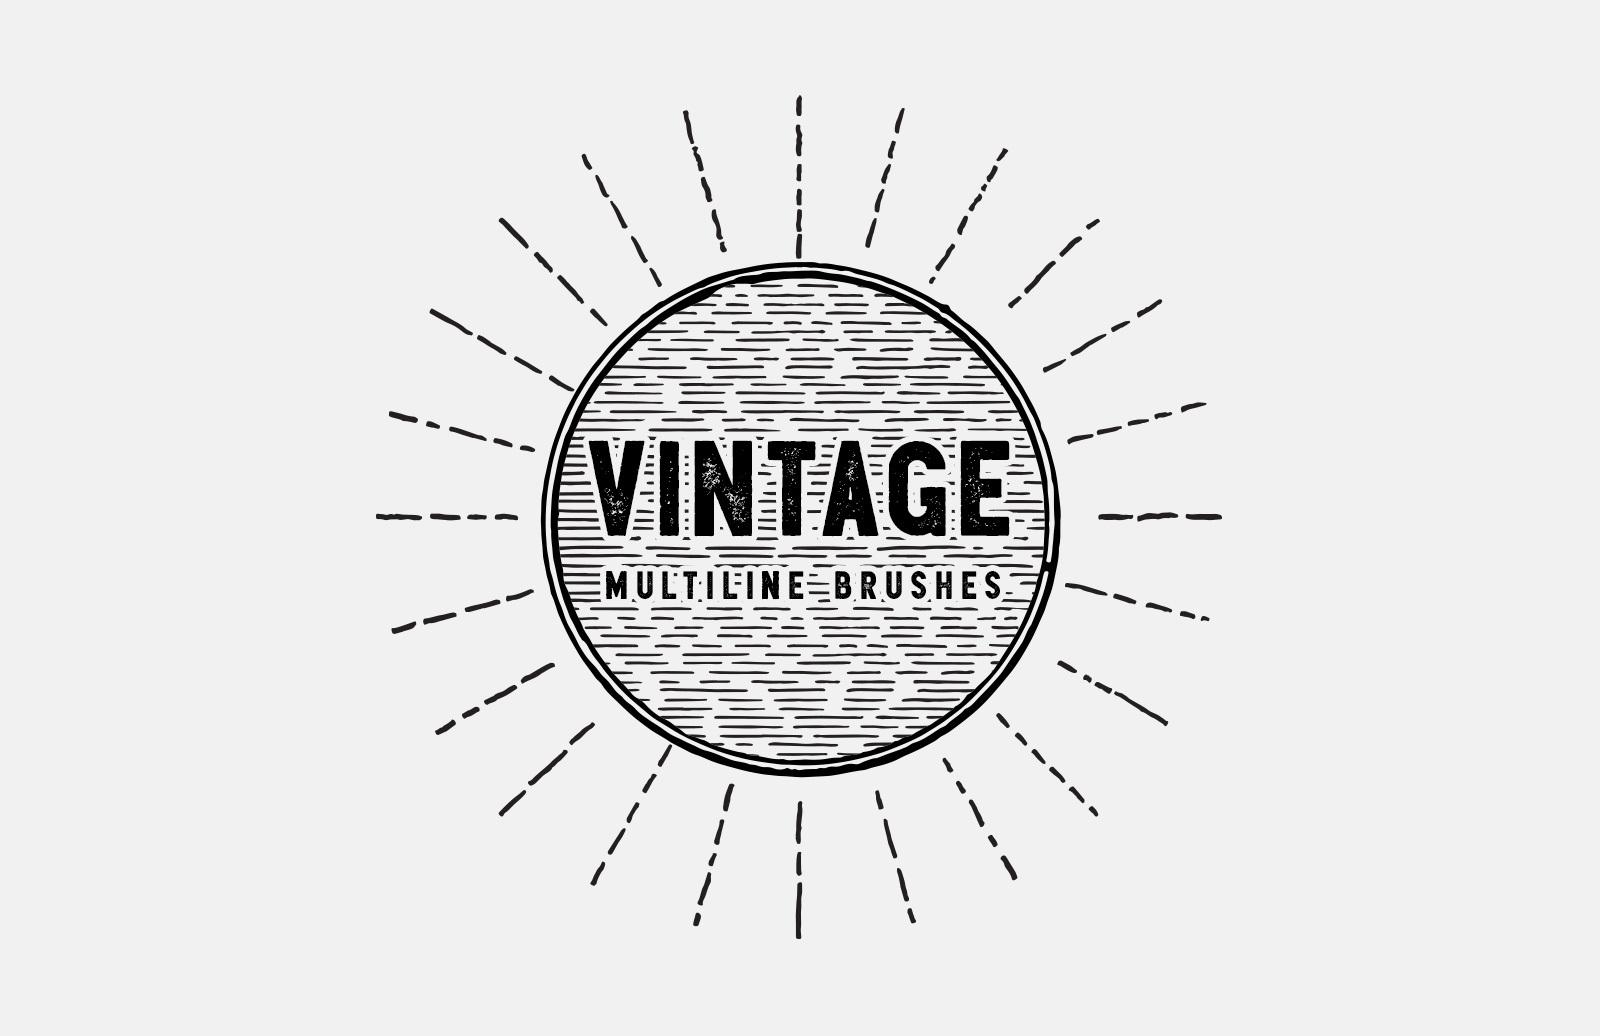 Vintage Multiline Brushes